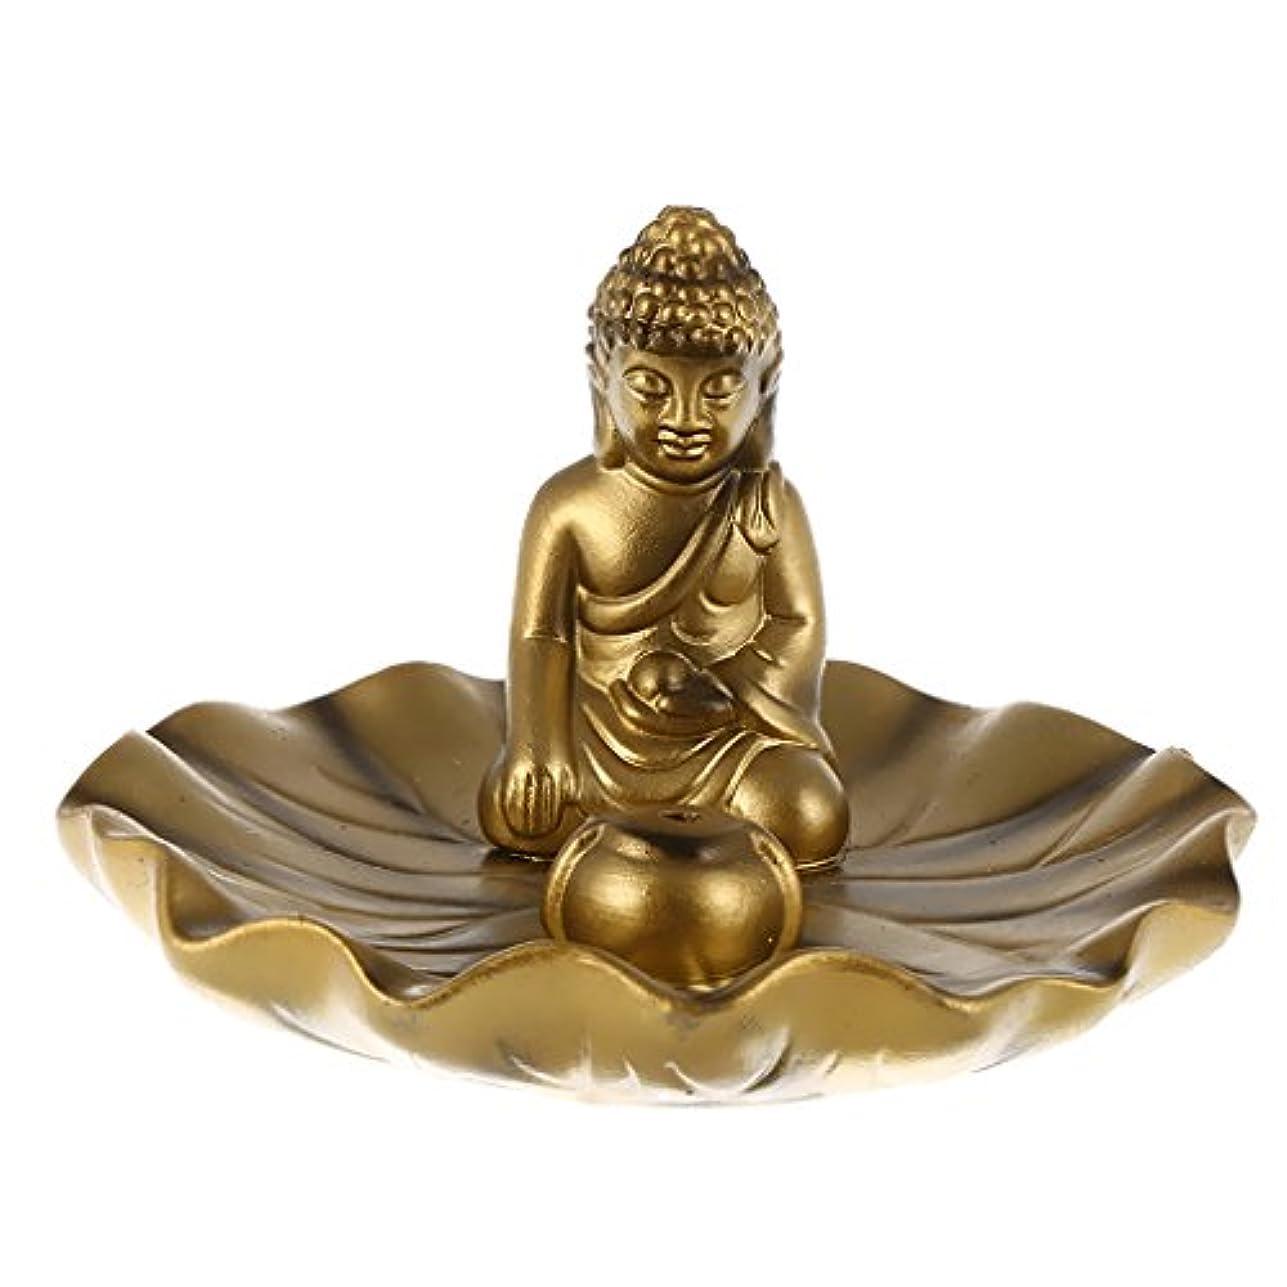 花婿おしゃれな権利を与えるmonkeyjackアンティーク中国スタイルMeditating Buddha Statue Incenseお香バーナーホルダーラウンドプレートホーム装飾 12.5x8cm ゴールド 451abb99ca509582d1ac598f12cb379e